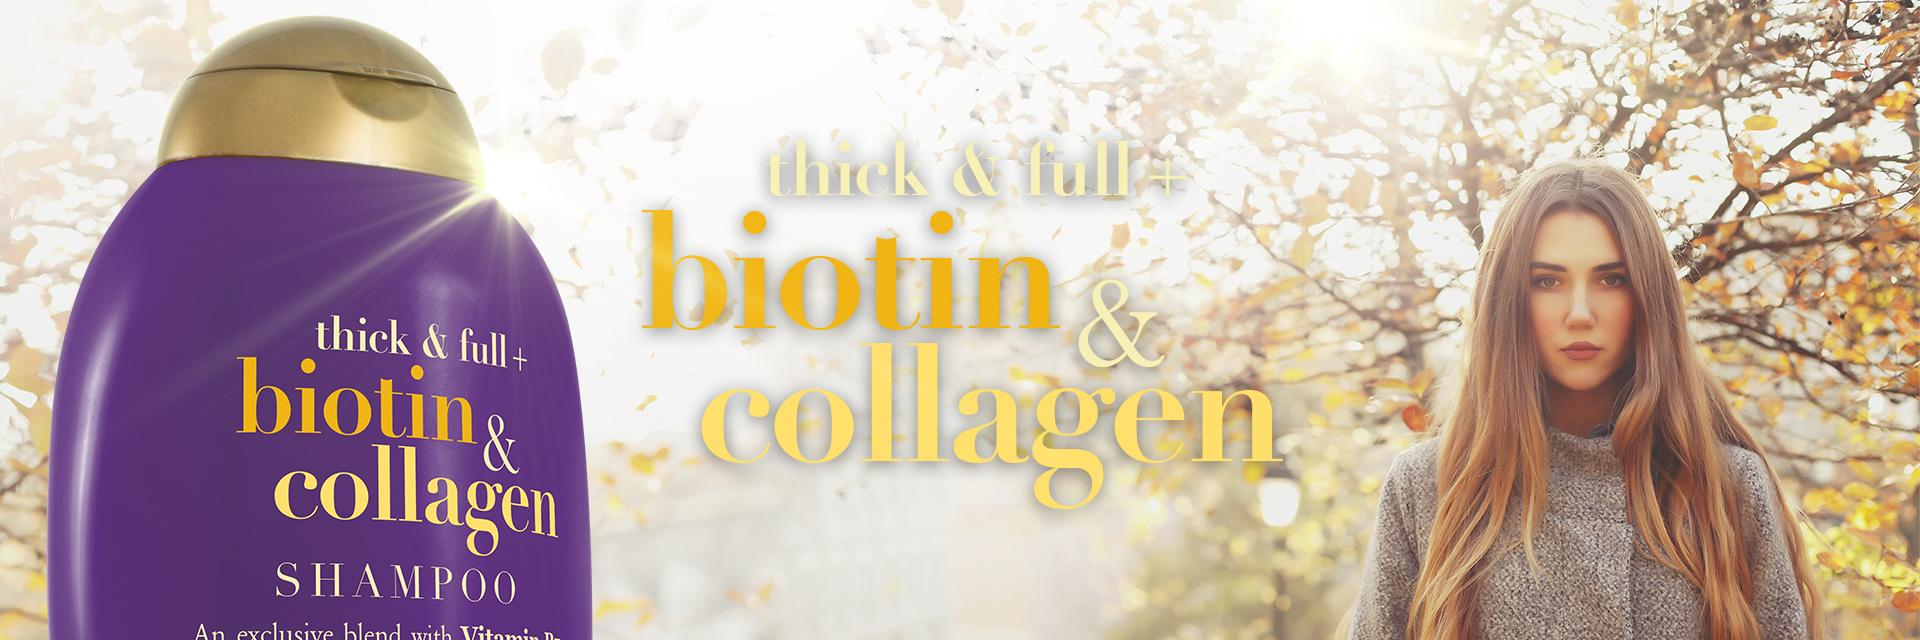 OGXsite-Header-Biotin